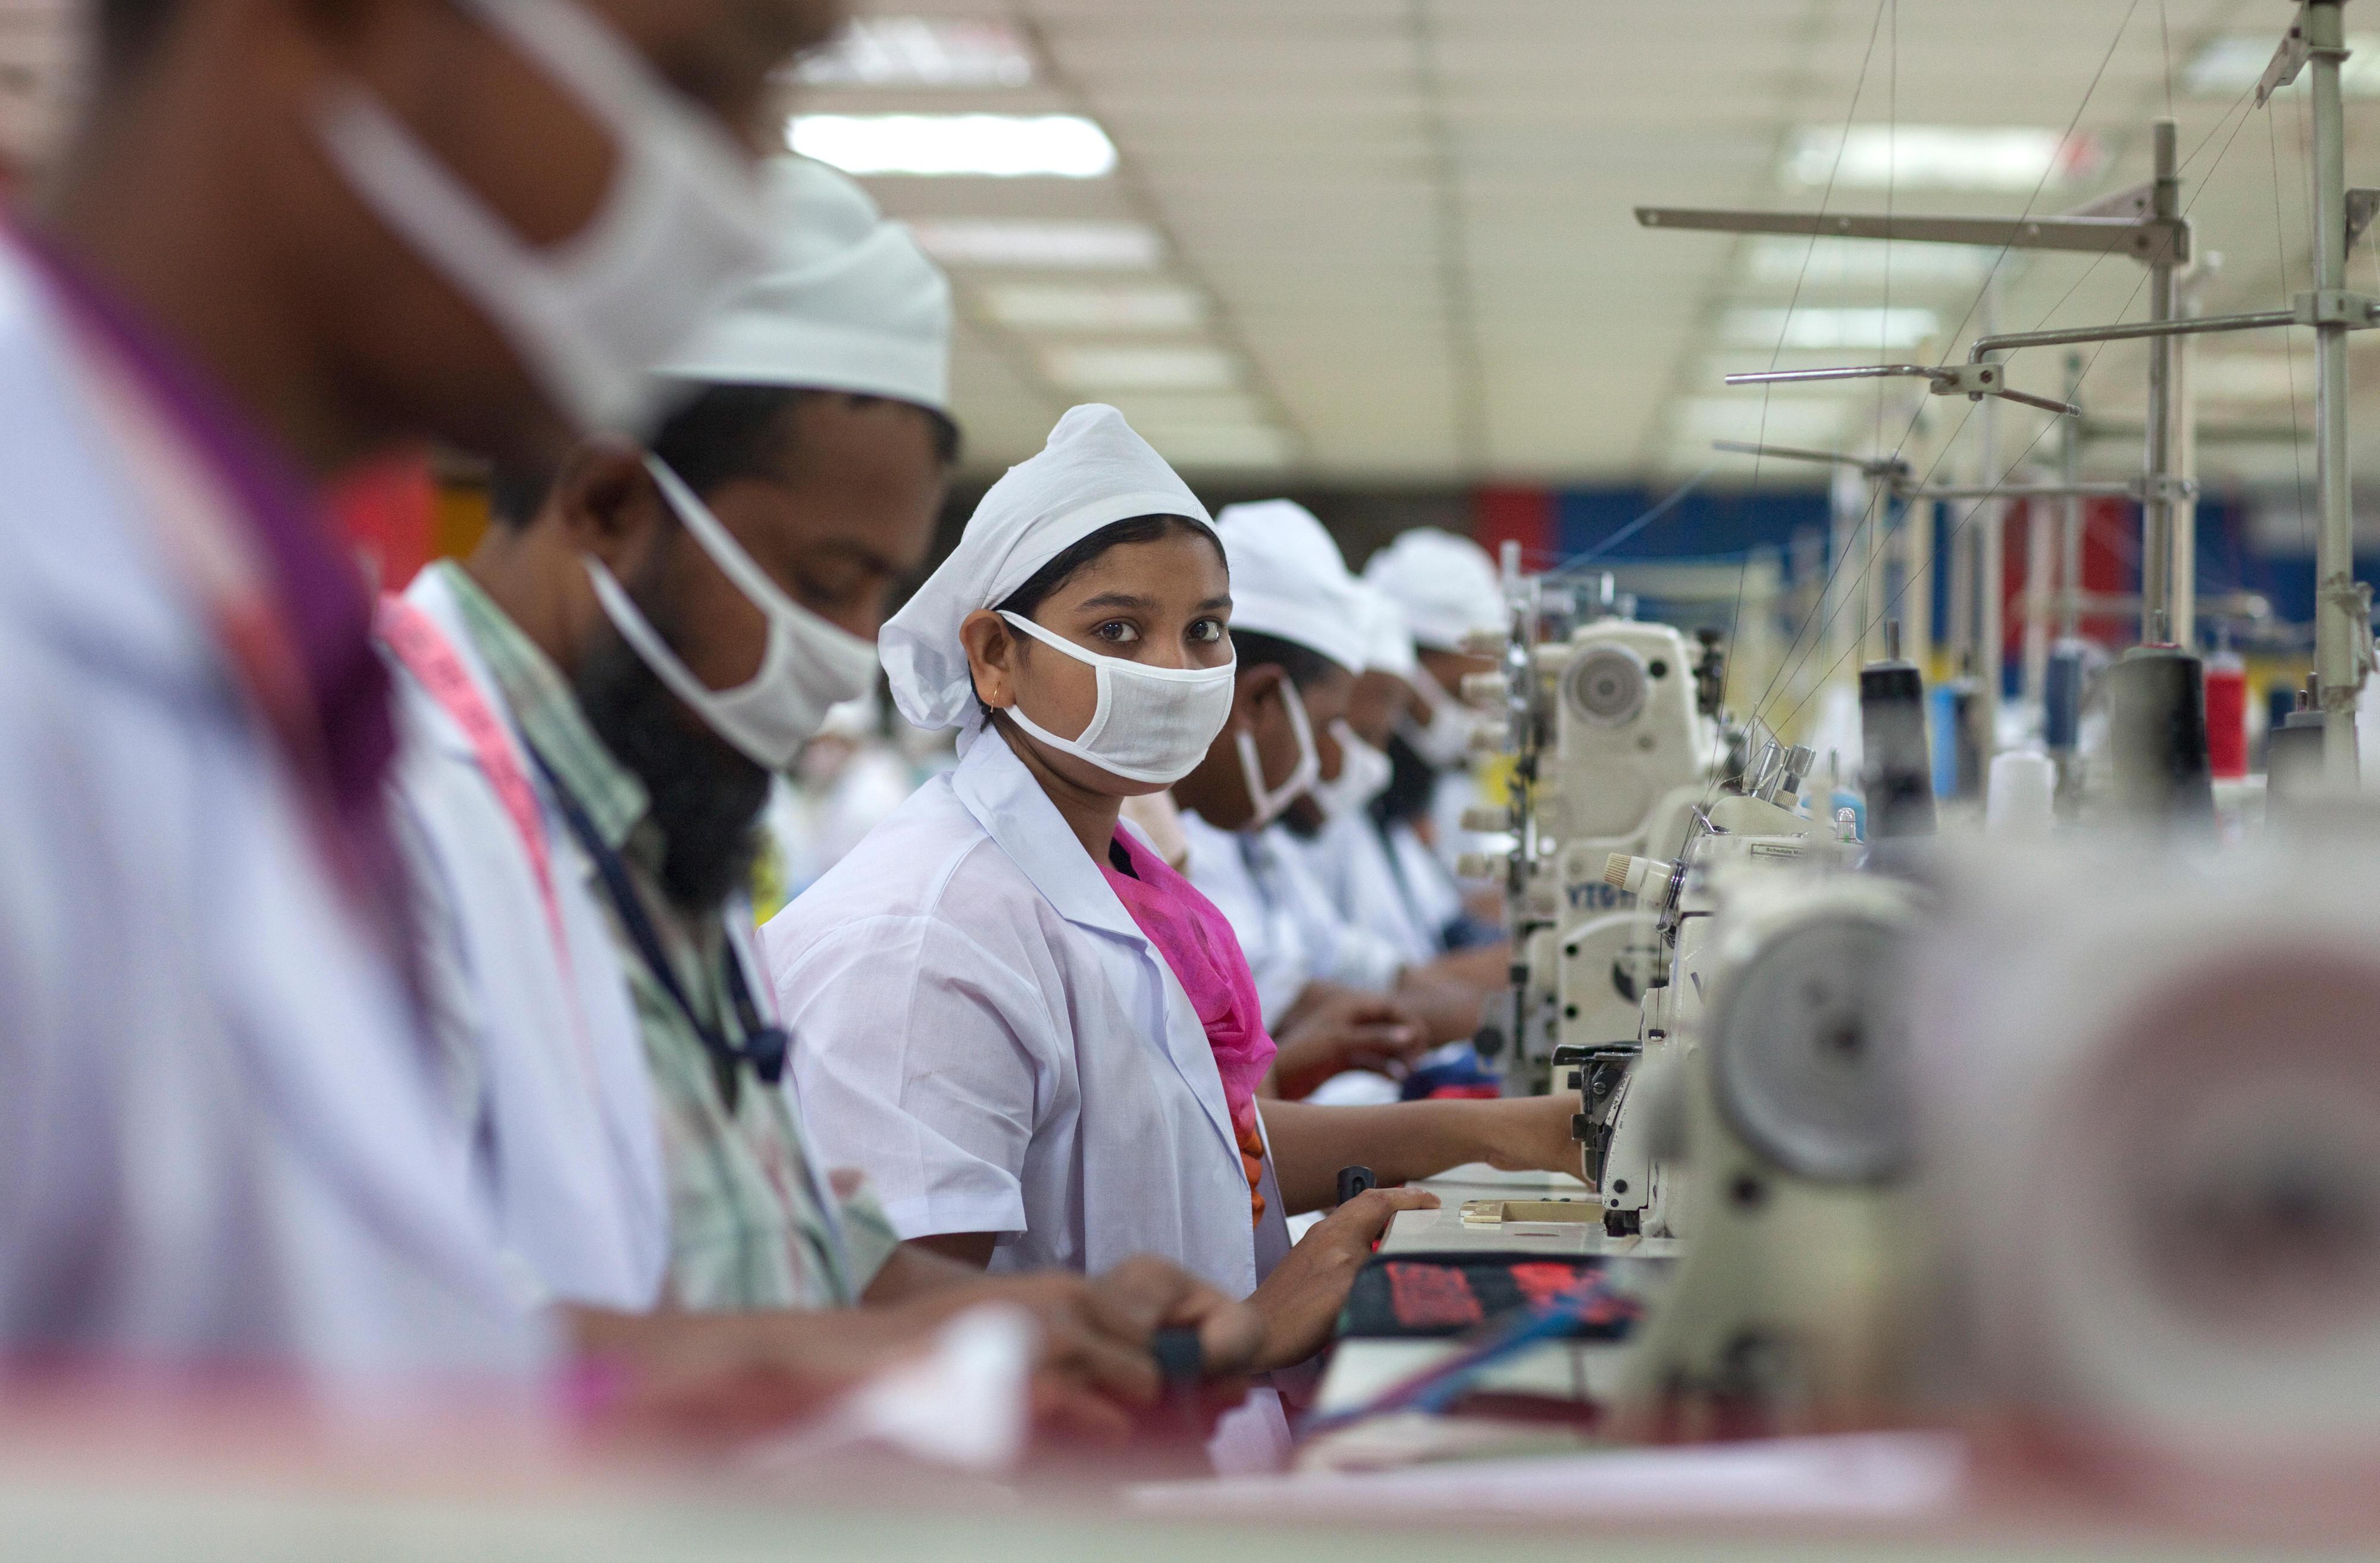 Arbeiterinnen und Arbeiter in einer Textilfabrik in Bangladesch, in der besonders auf die Einhaltung der gesetzlichen Sozial- und Umweltstandards geachtet wird